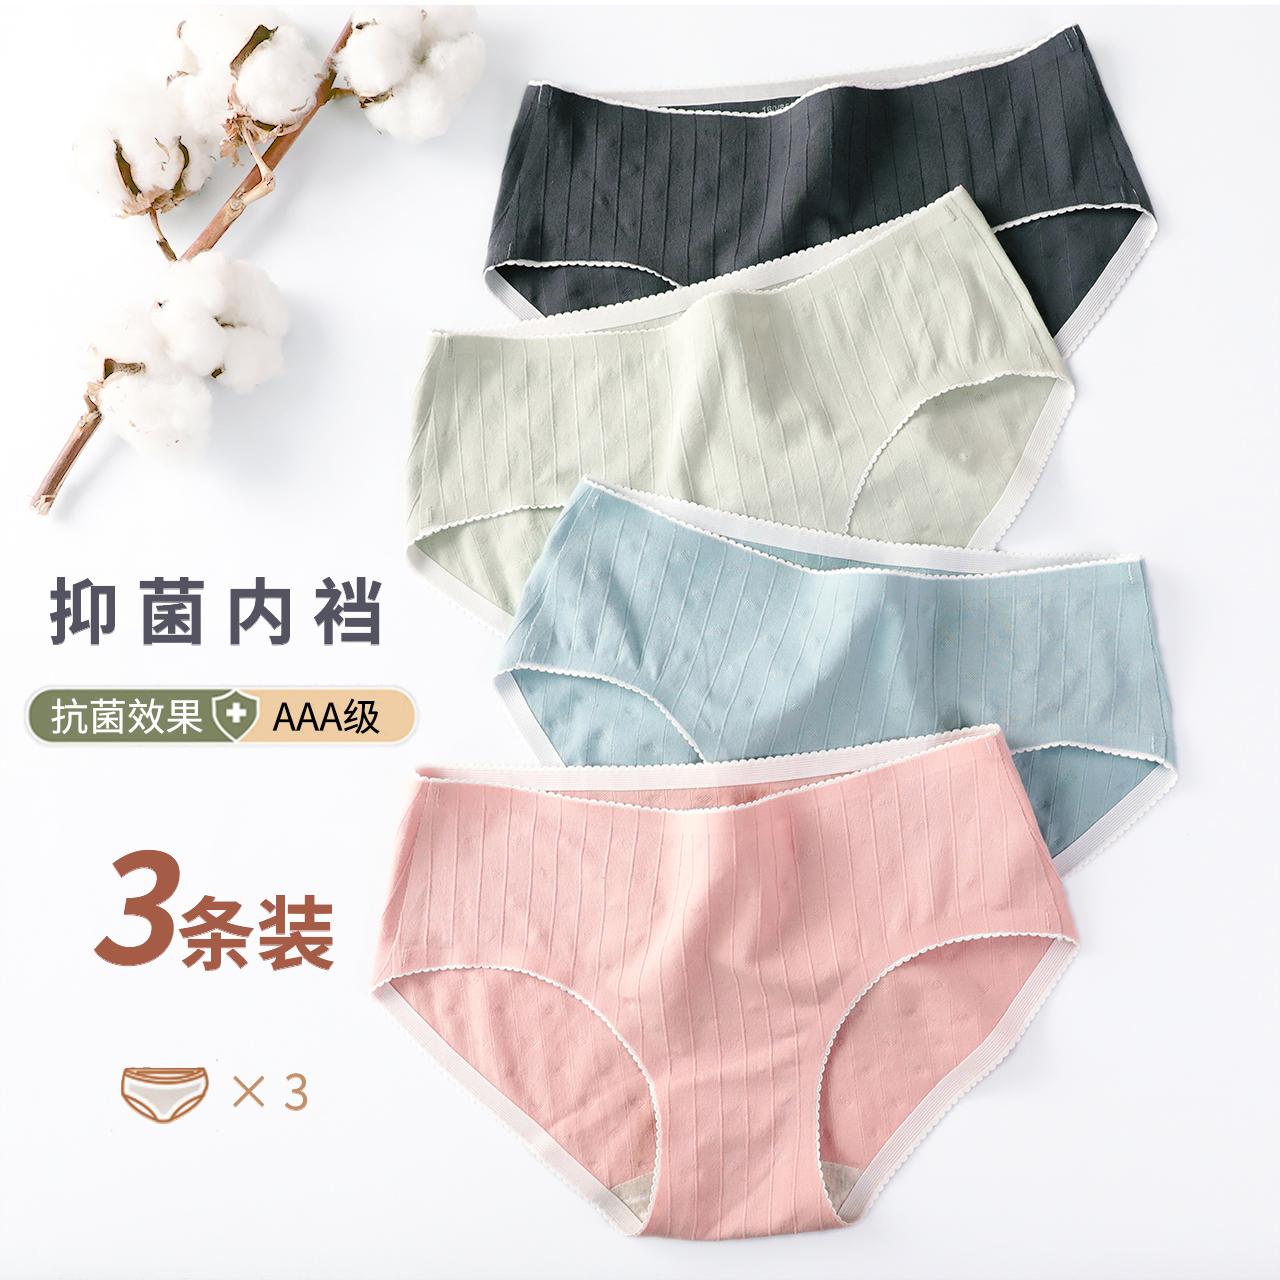 【3条装】纯棉裆抗菌竖纹提花三角裤11月05日最新优惠